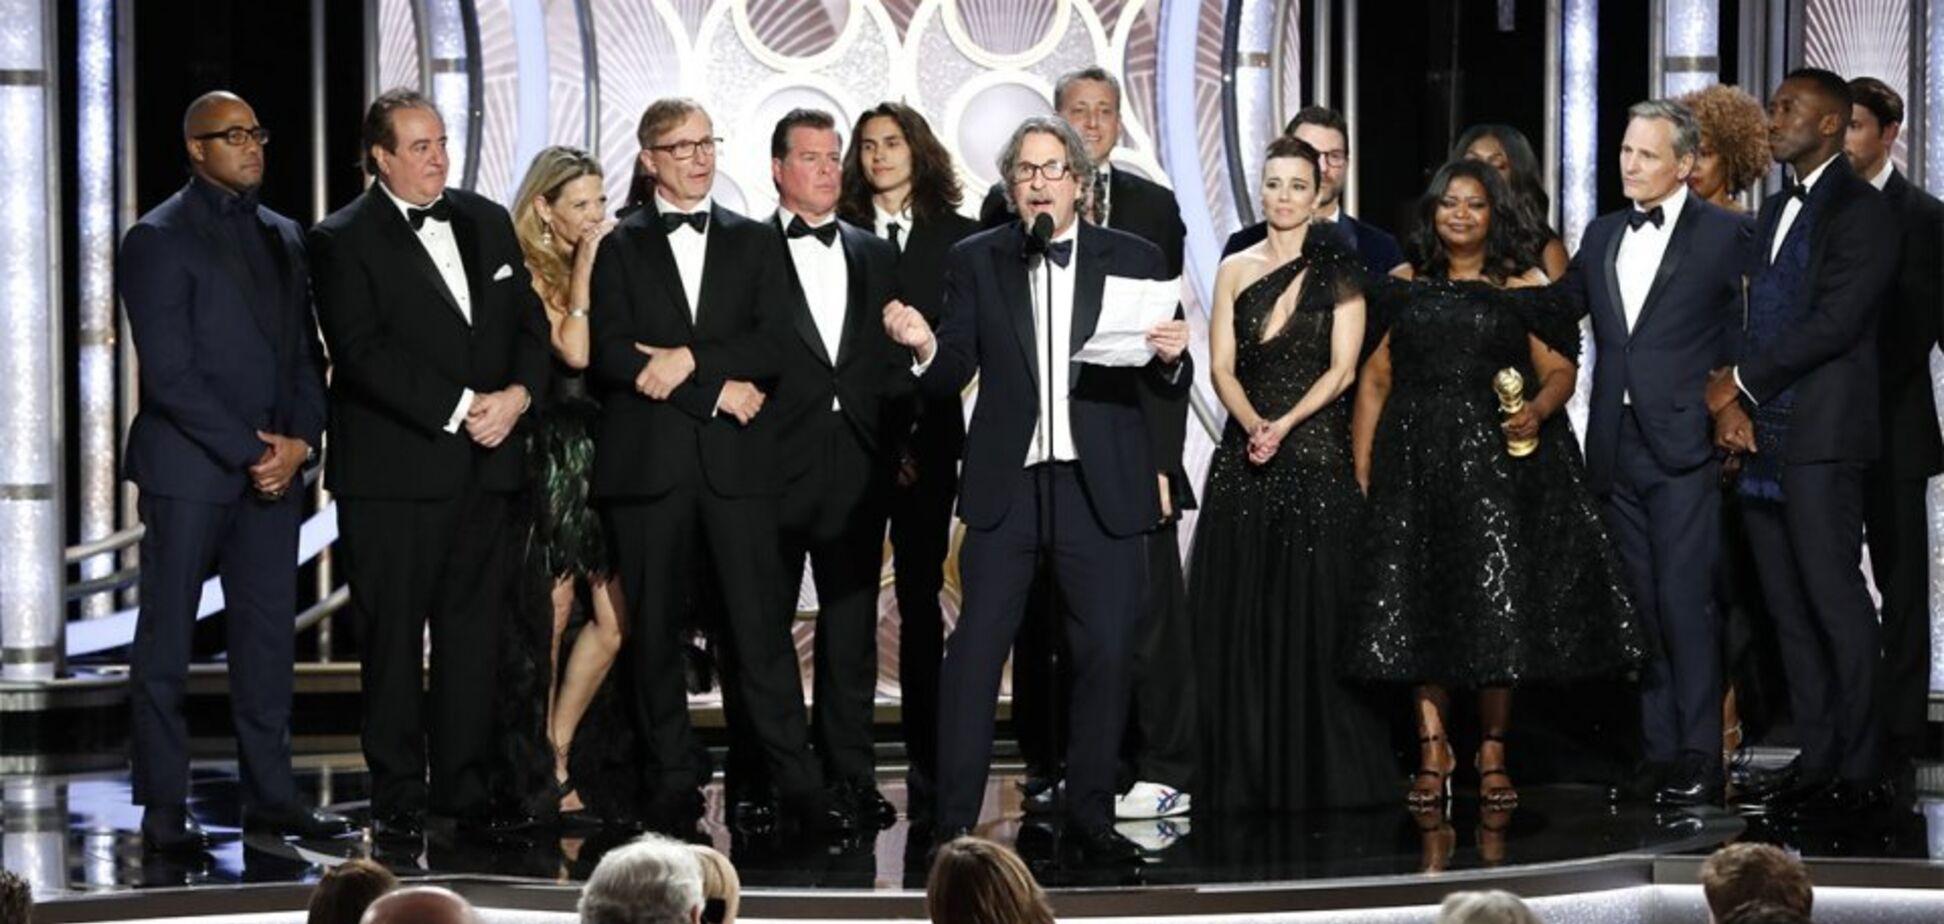 Кинопремия ''Золотой глобус'': объявлены победители. Все подробности, фото и видео